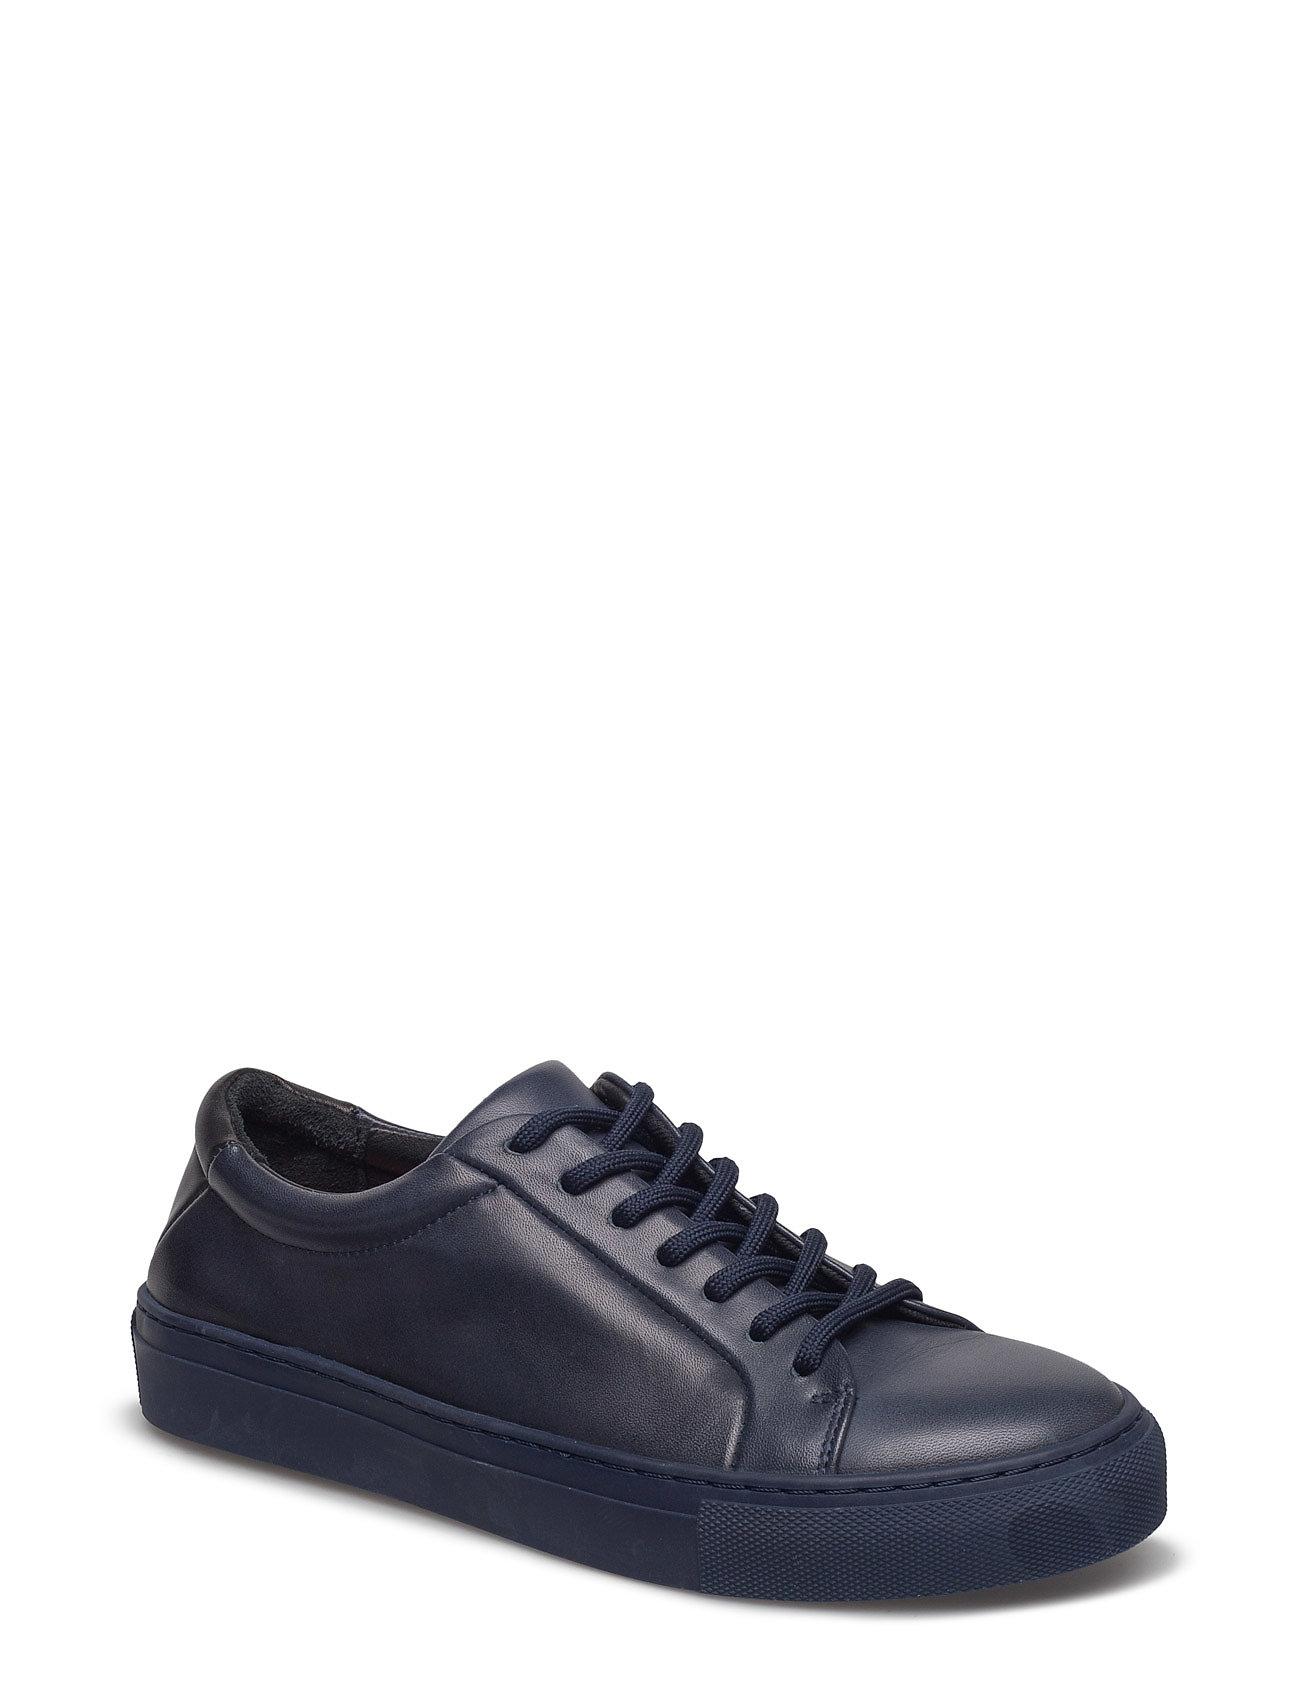 Elpique Tri Shoe Royal RepubliQ Sneakers til Damer i Navy blå